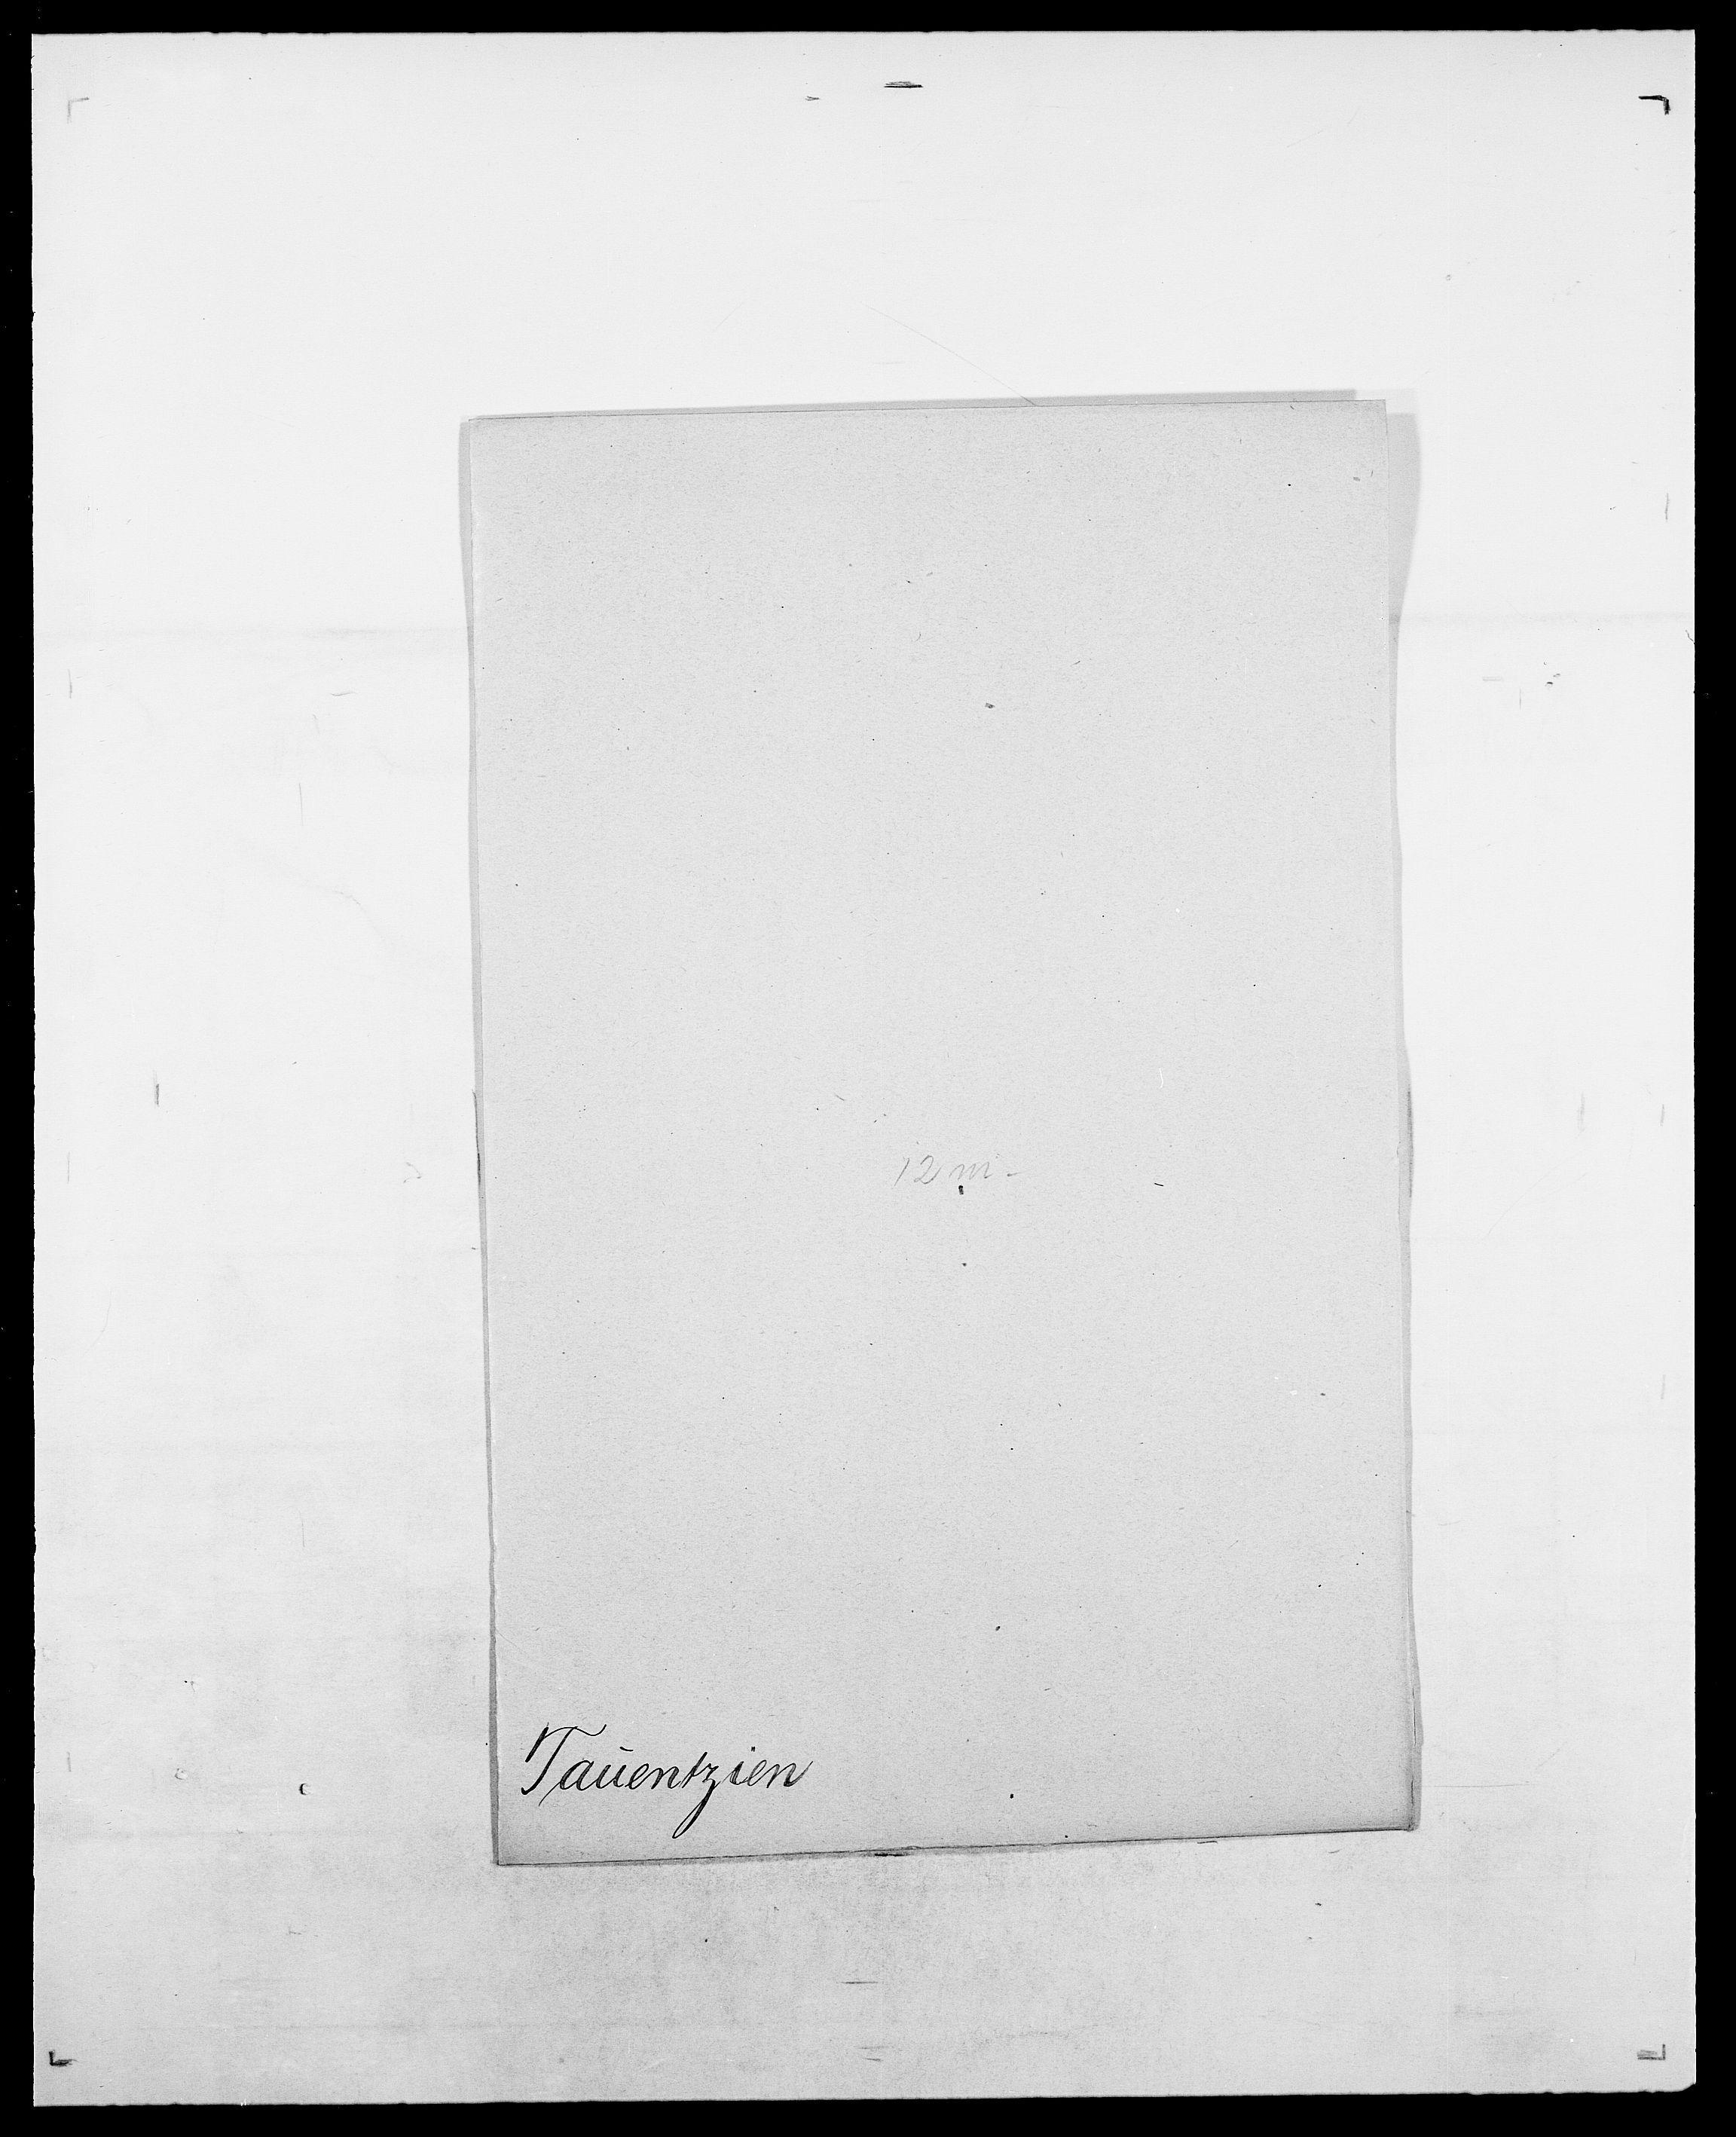 SAO, Delgobe, Charles Antoine - samling, D/Da/L0038: Svanenskjold - Thornsohn, s. 349